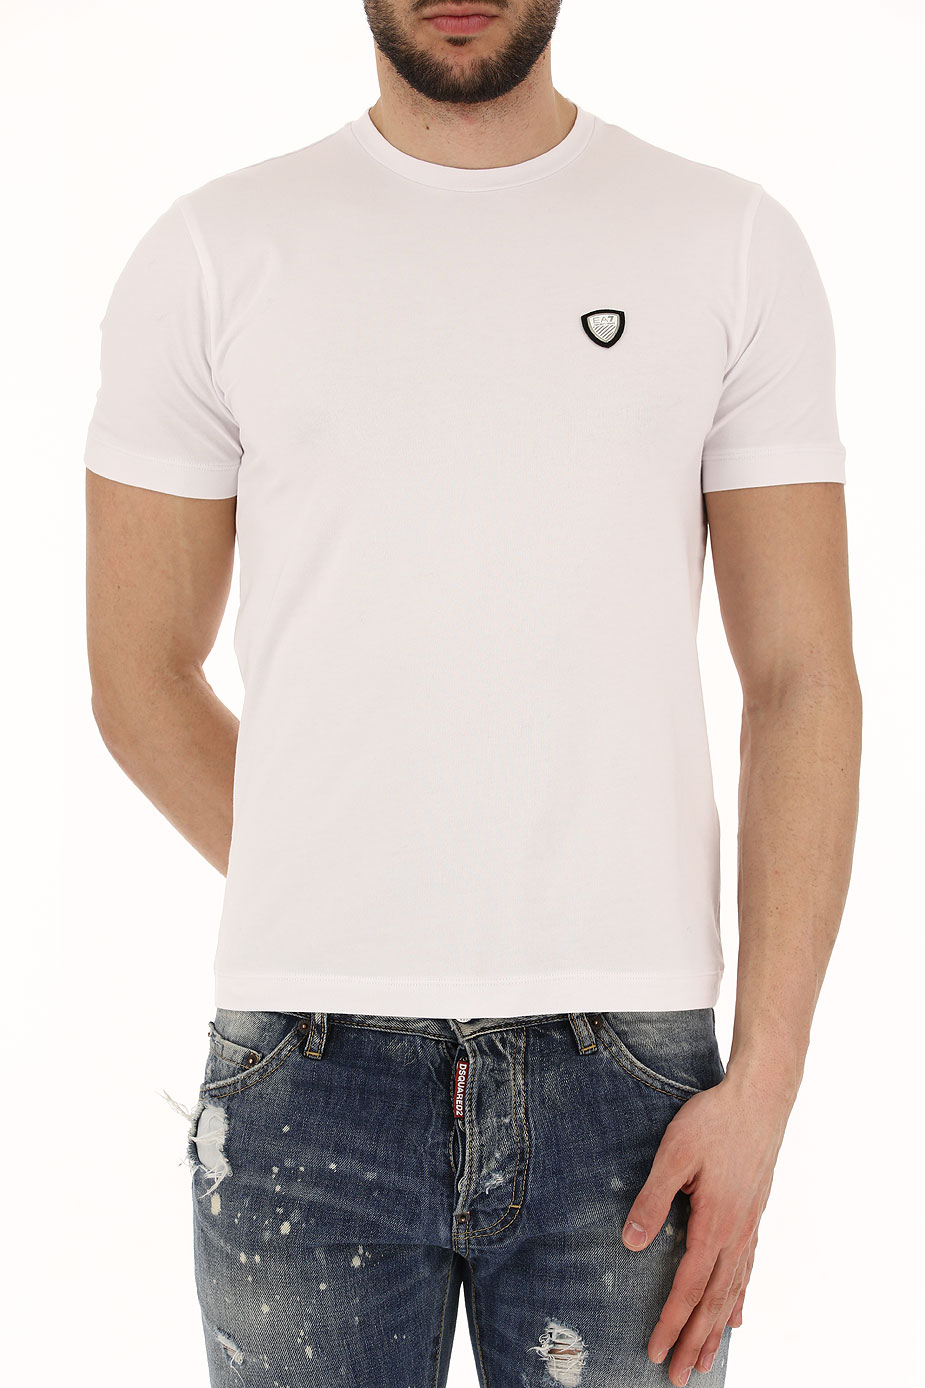 Abbigliamento Uomo Emporio Armani, Codice Articolo: 8nptl7-pj20z-1100